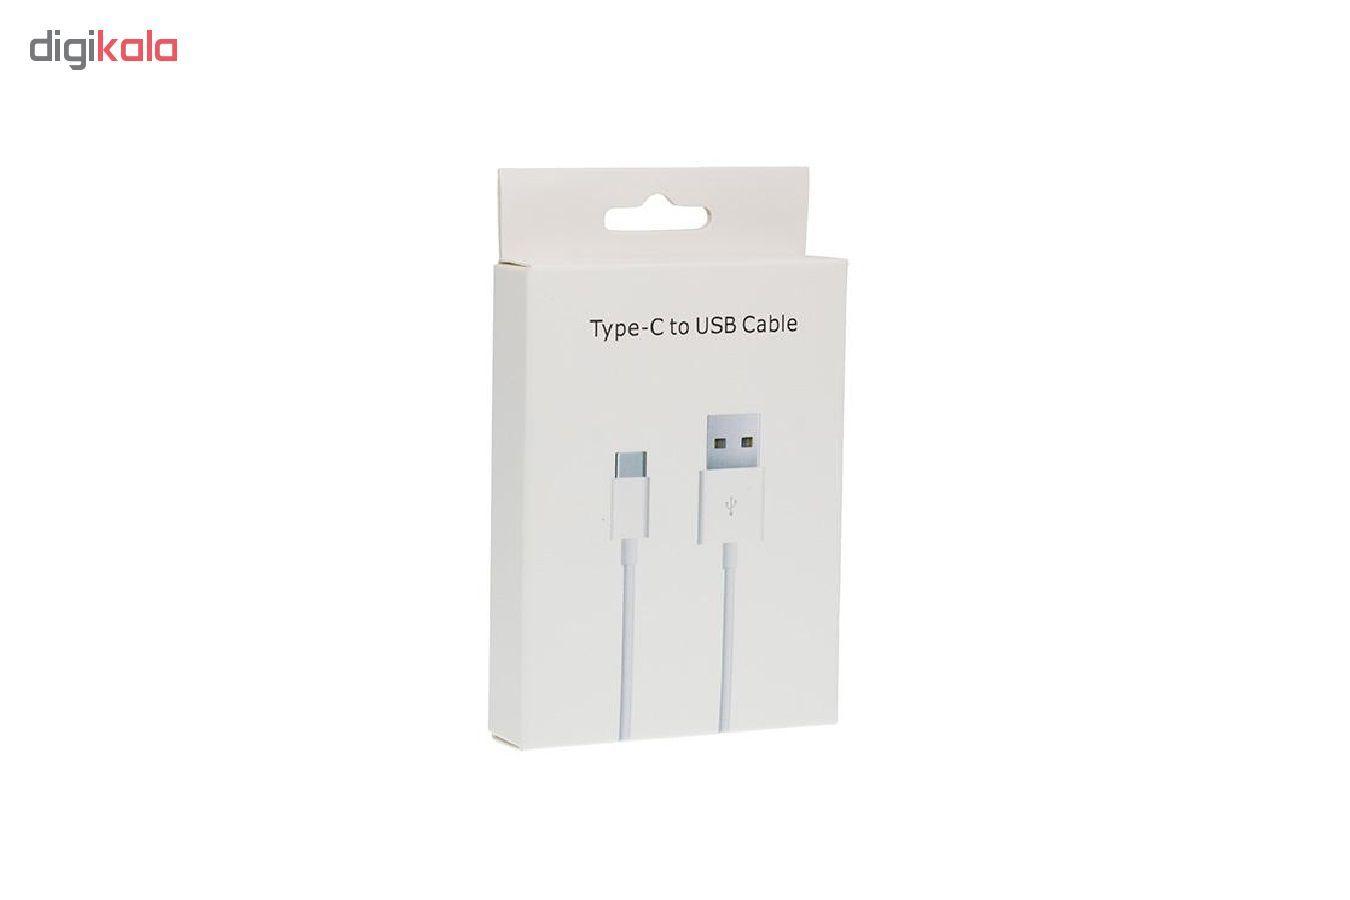 کابل تبدیل USB به Type-c مدل TC-1 به طول 1 متر main 1 2